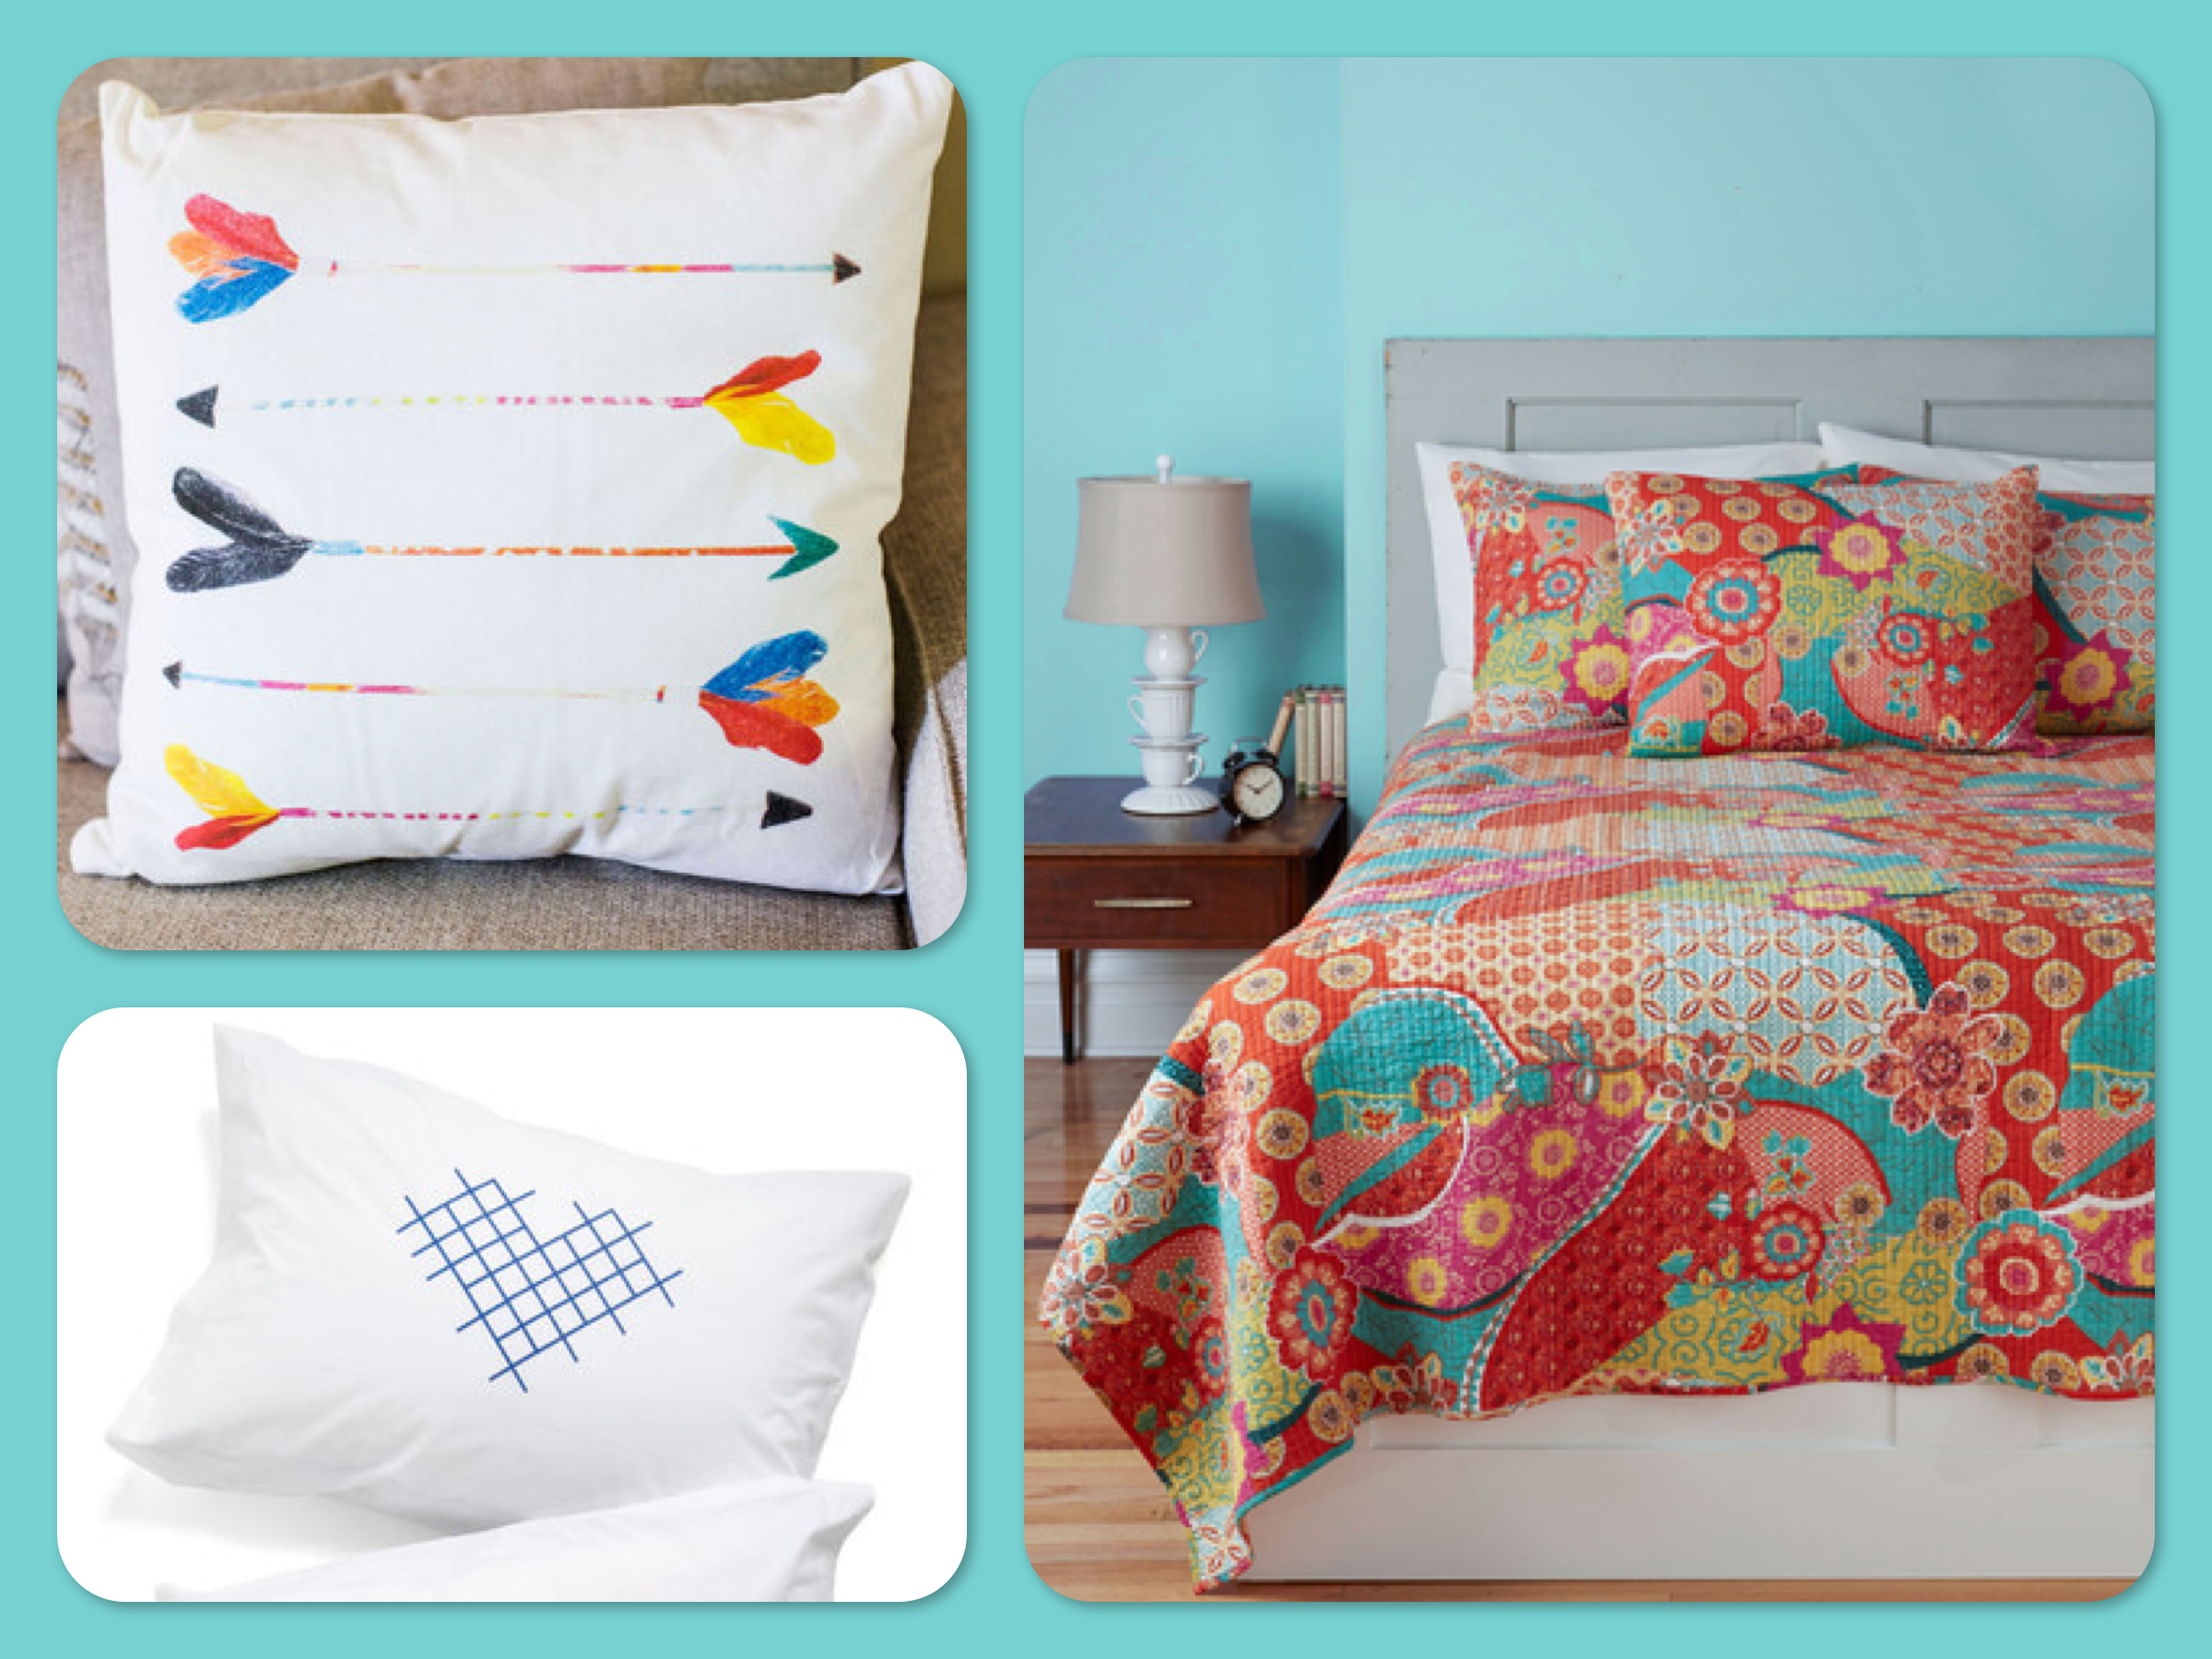 Pi Beta Phi Room Room Decor with Arrow Decorative Pillow